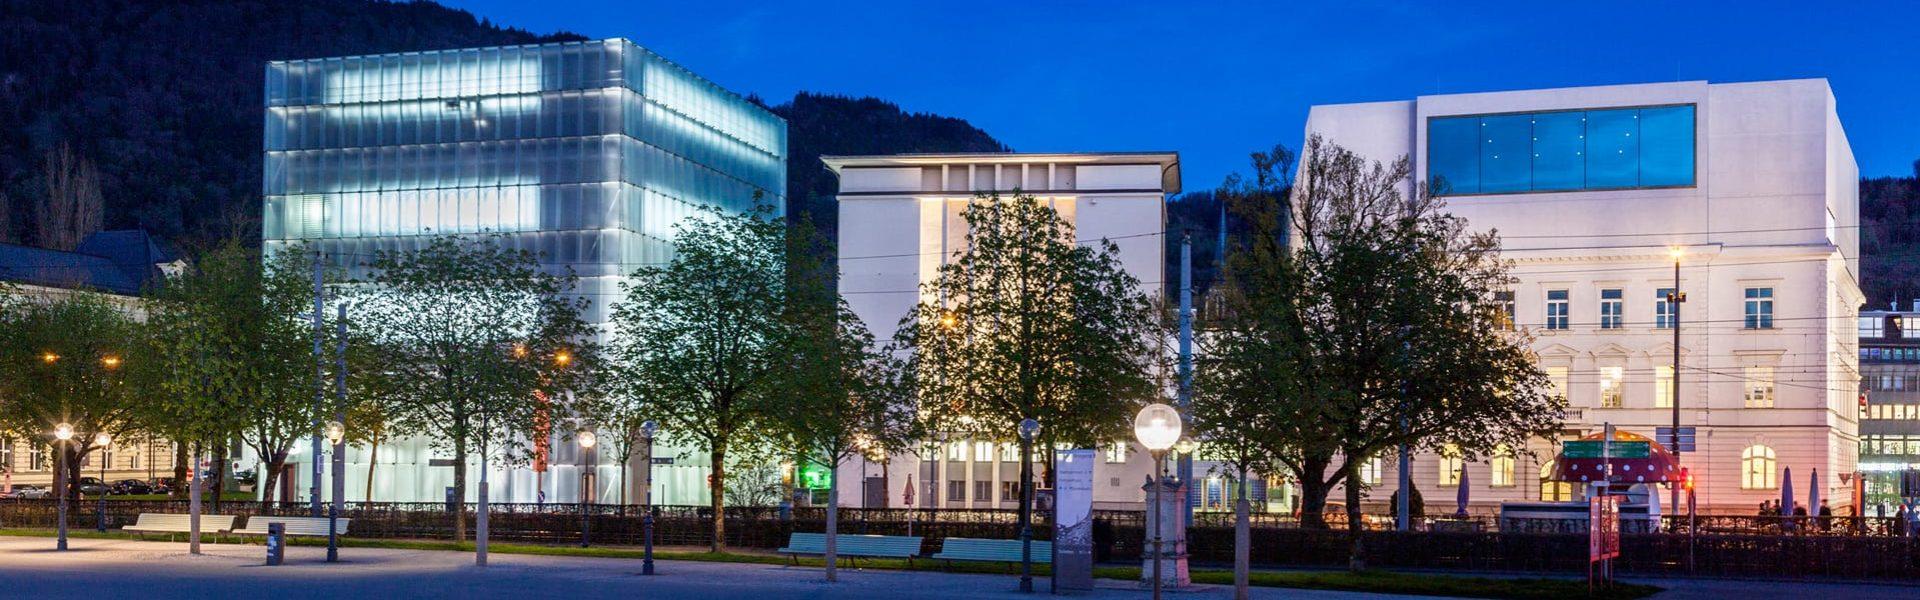 Kunsthaus Bregenz, vorarlberg museum (c) Foto Matthias Weissengruber - Kunsthaus Bregenz